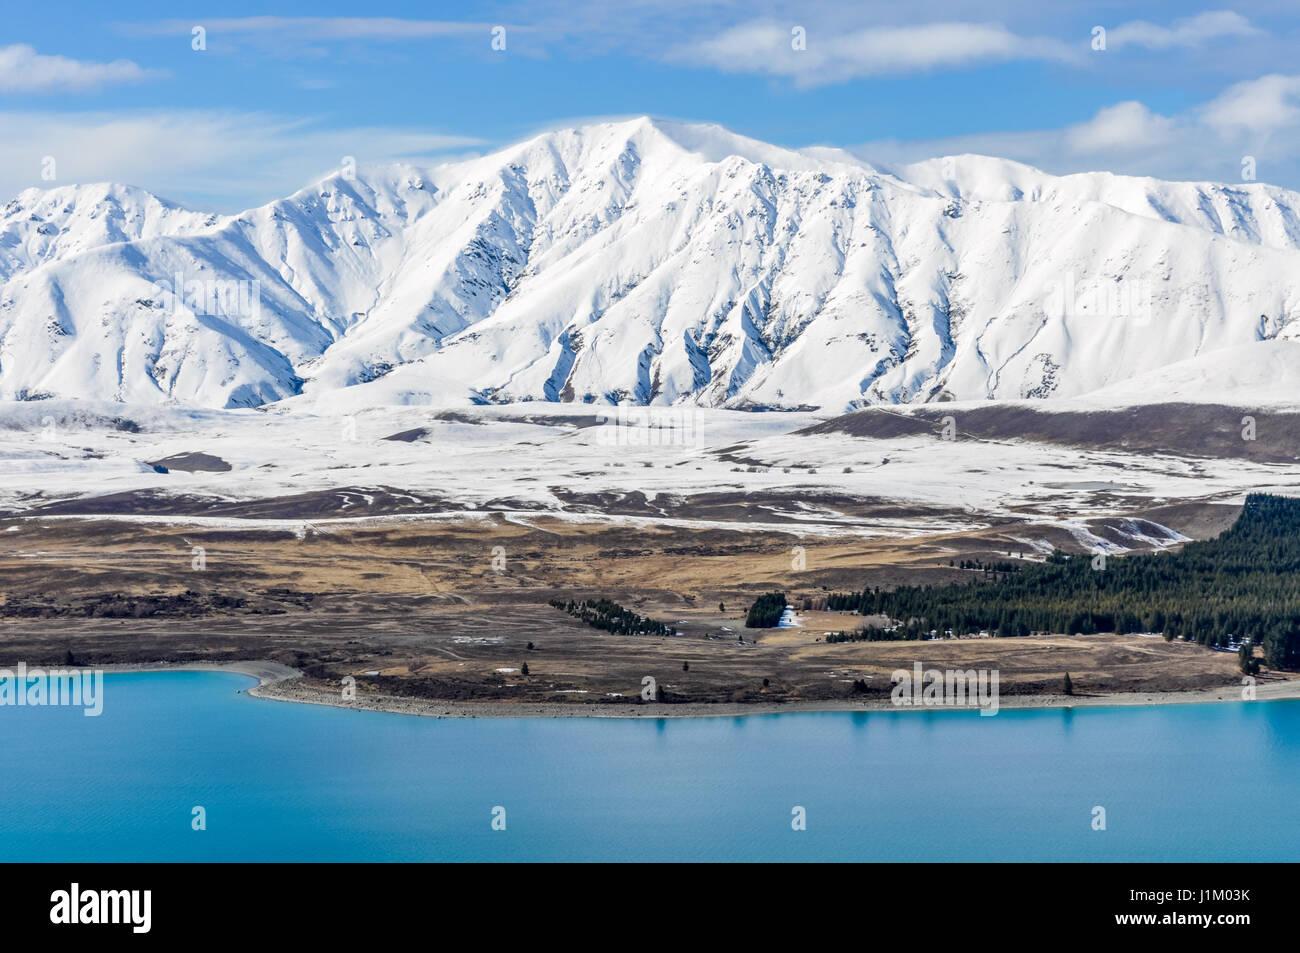 Vista panoramica del Lago Tekapo, Isola del Sud della Nuova Zelanda Immagini Stock